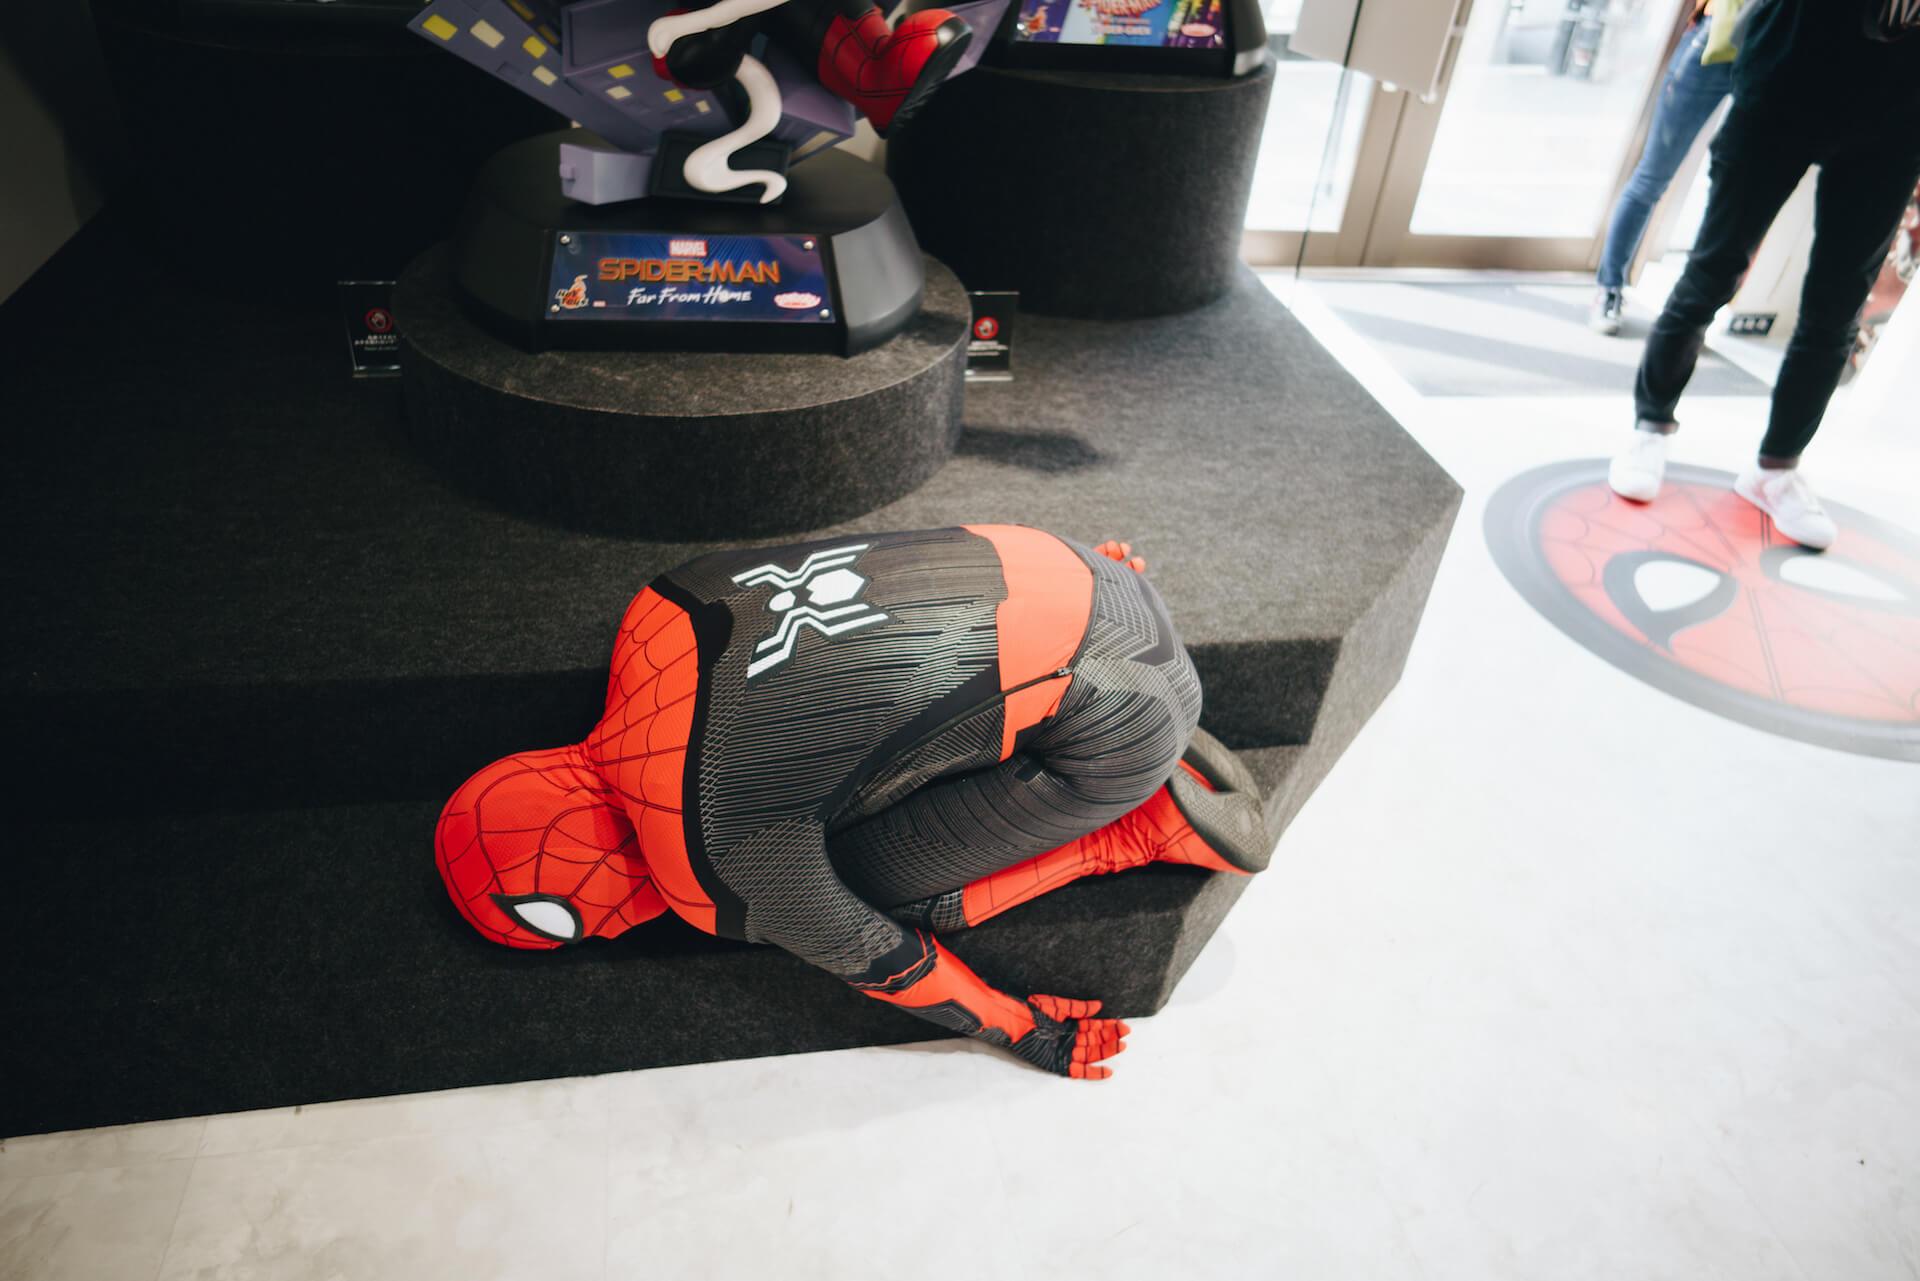 スパイダーマン好きなら目ギラギラ大興奮必至の期間限定ショップ探訪 art-culture-spiderman-store-report-11